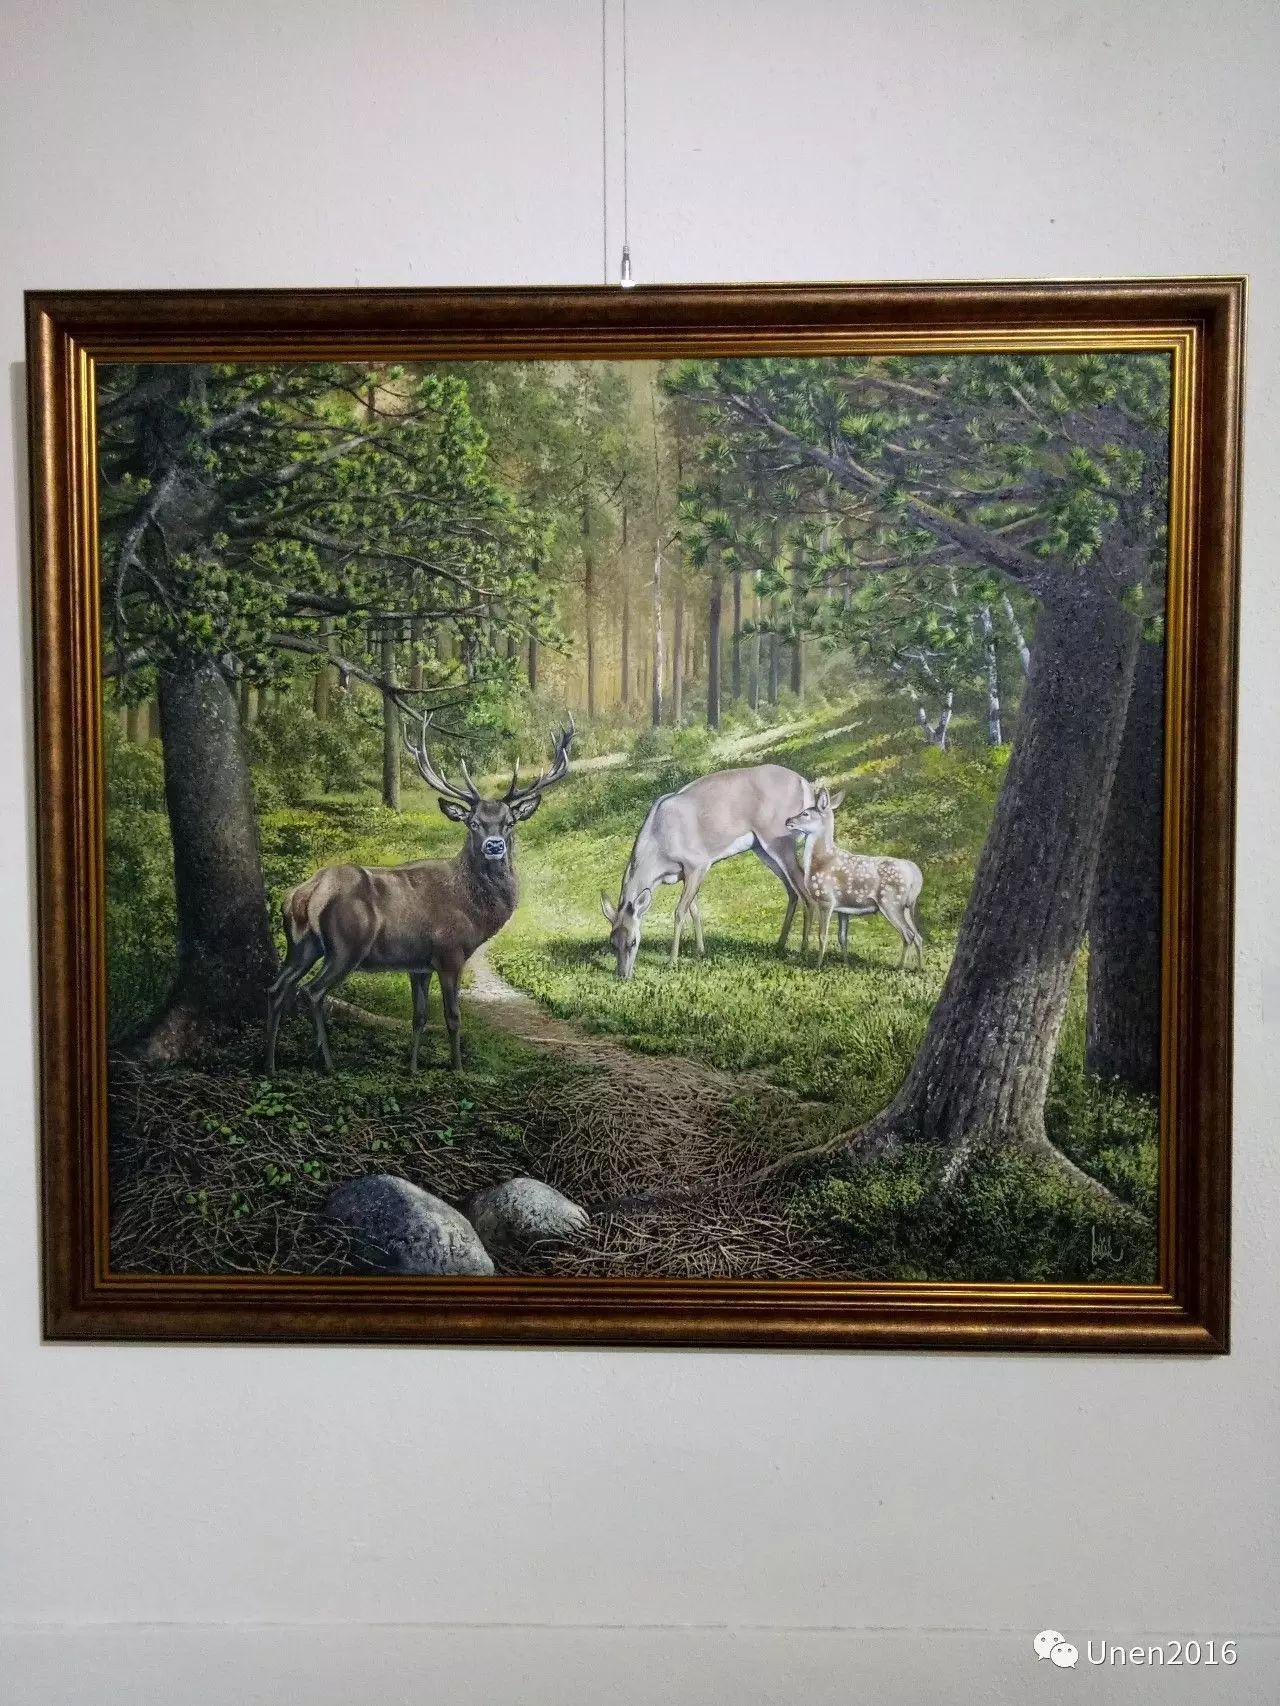 【Unen】美术:蒙古国青年画家巴雅尔的油画作品 第14张